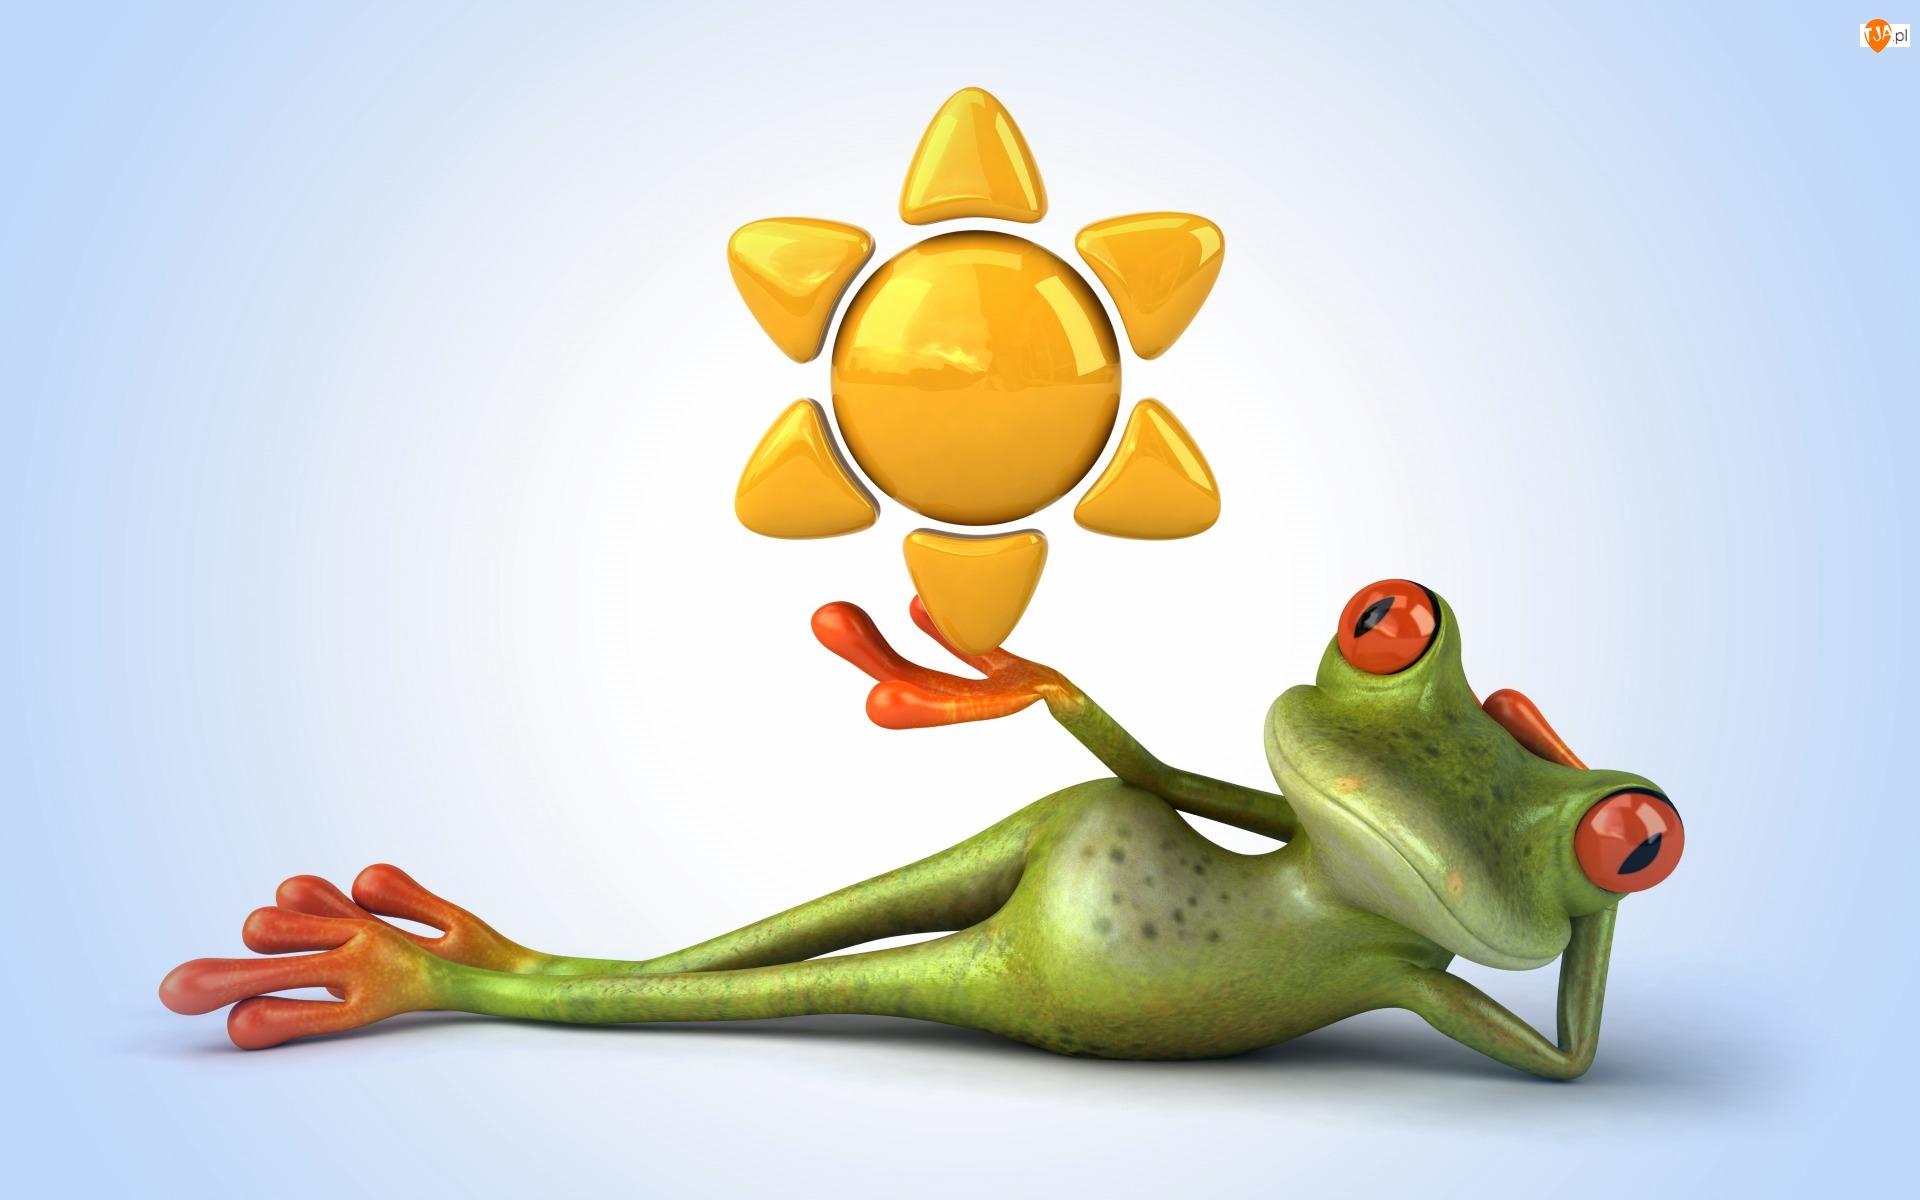 Słońce, Śmieszne, Żabka